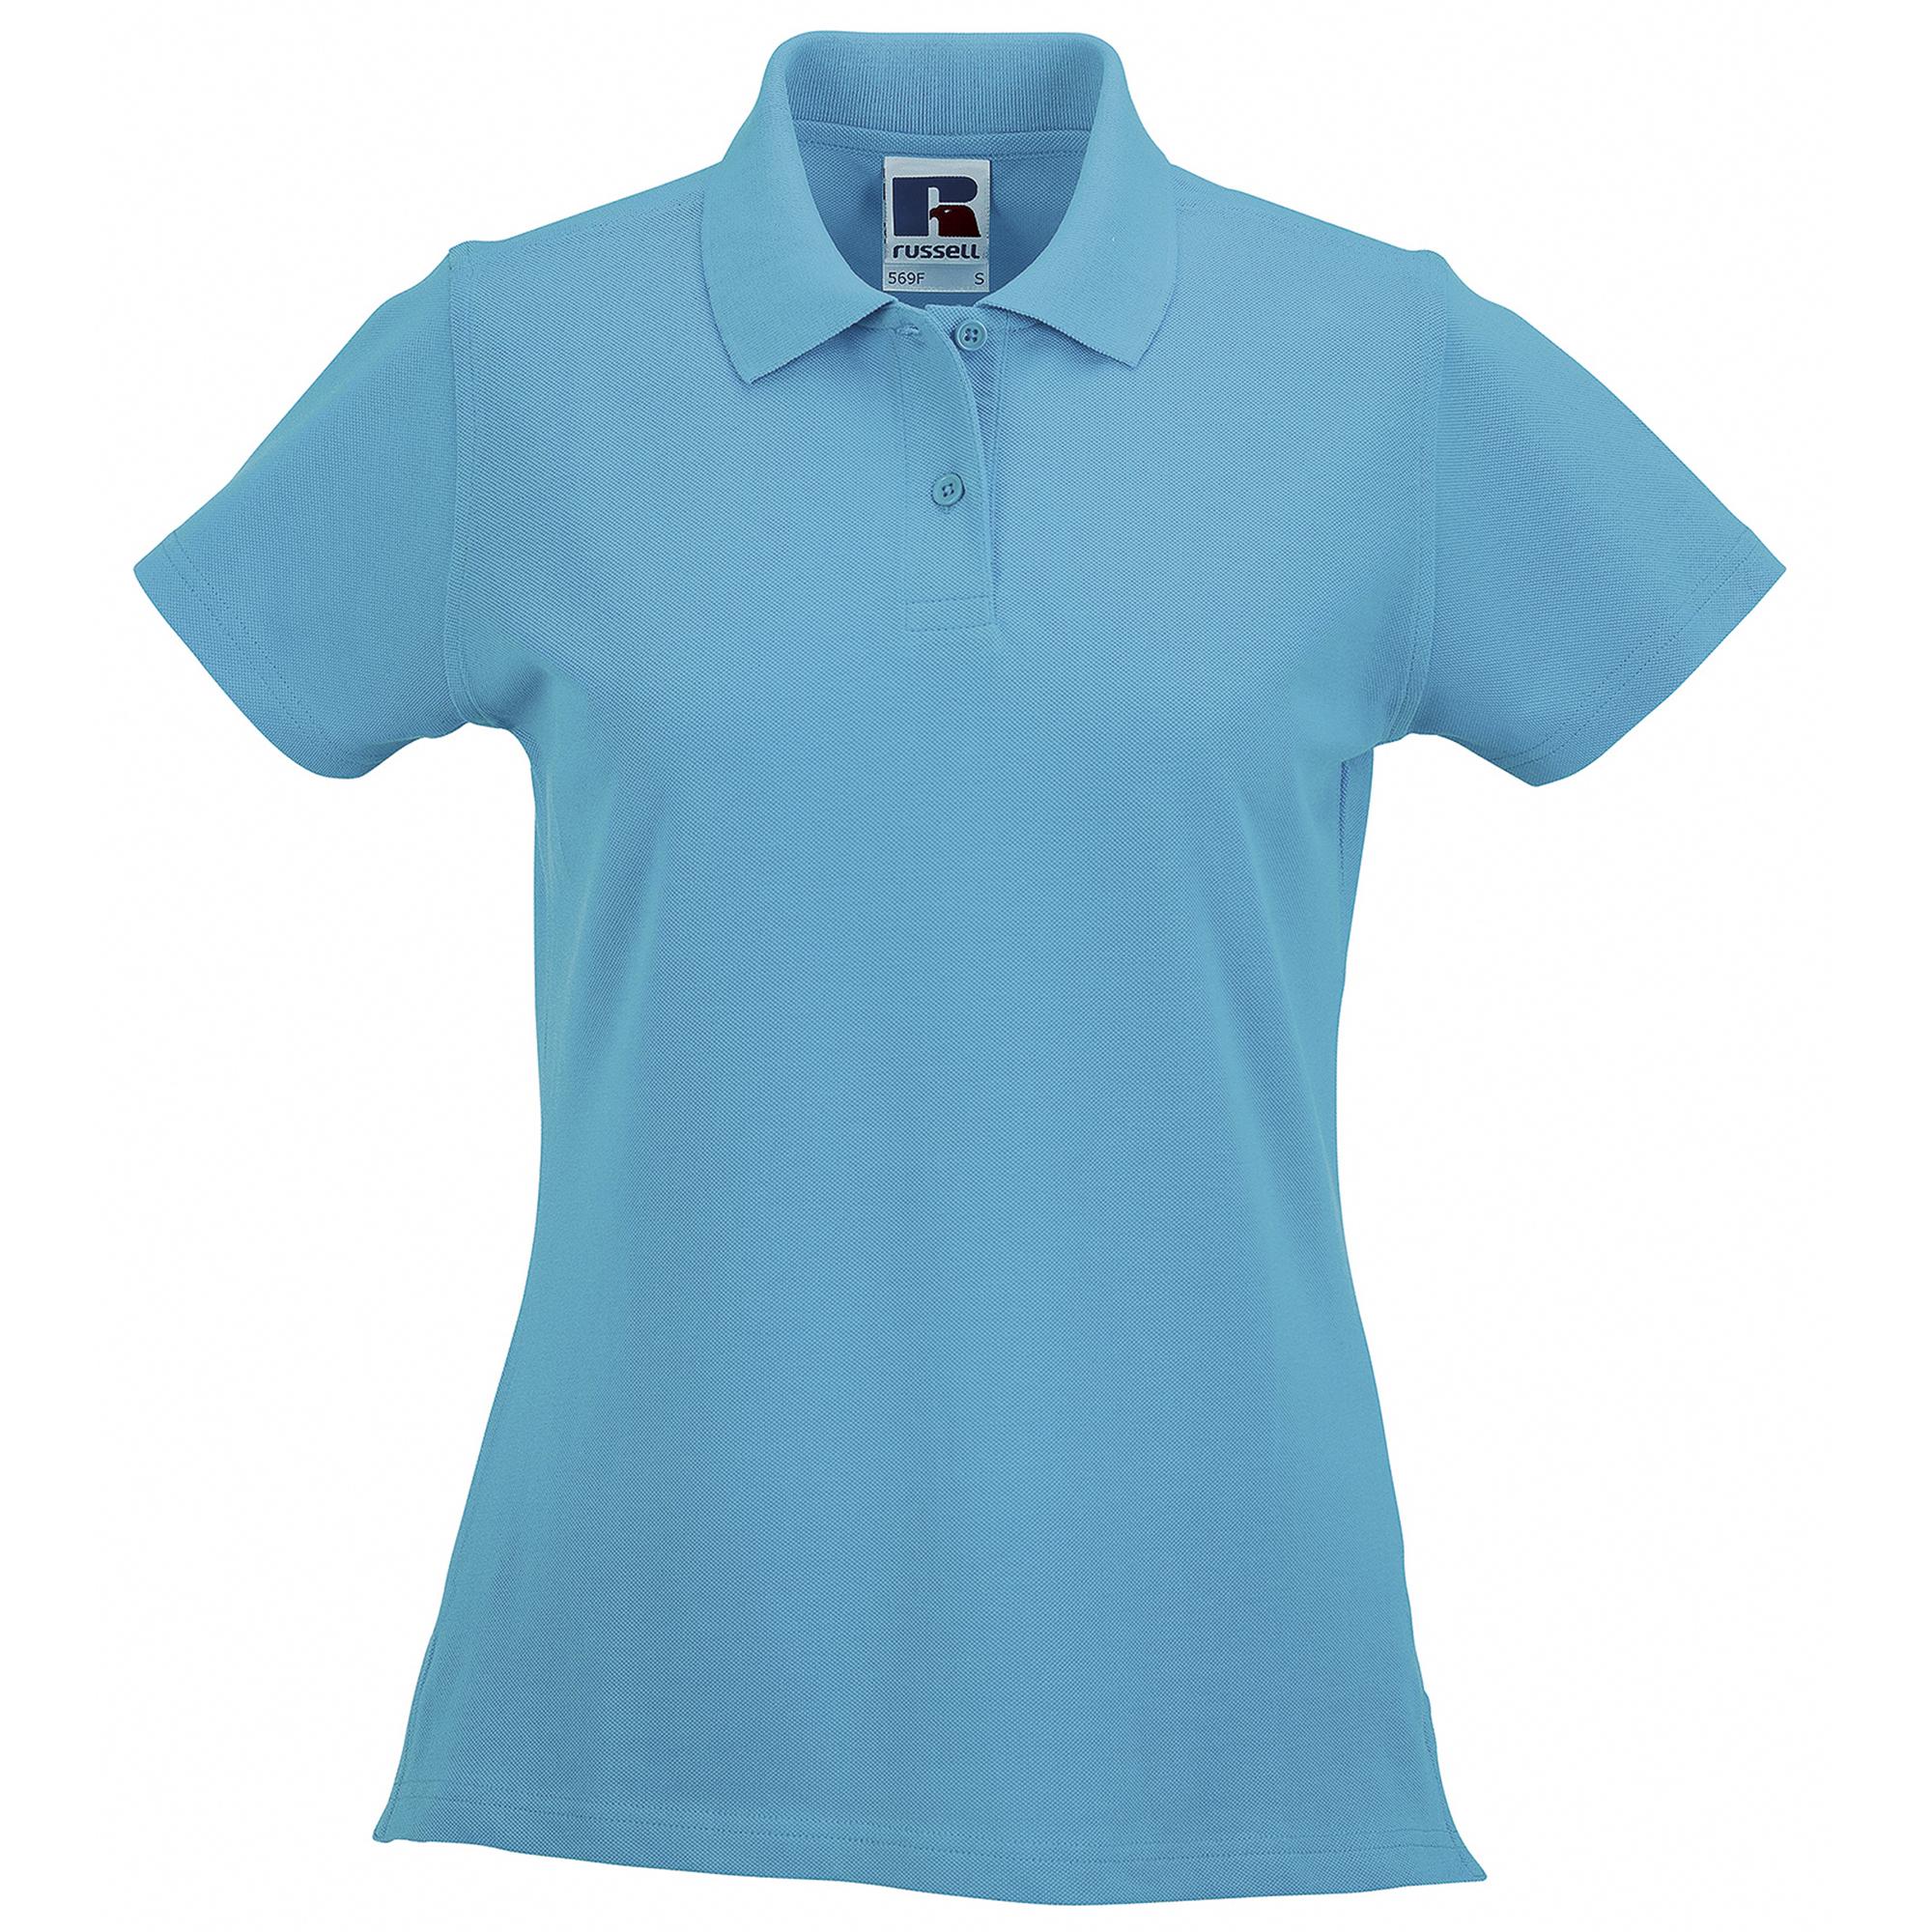 miniature 16 - Polo-uni-Russell-manches-courtes-100-coton-femme-et-fille-XS-2XL-RW3279